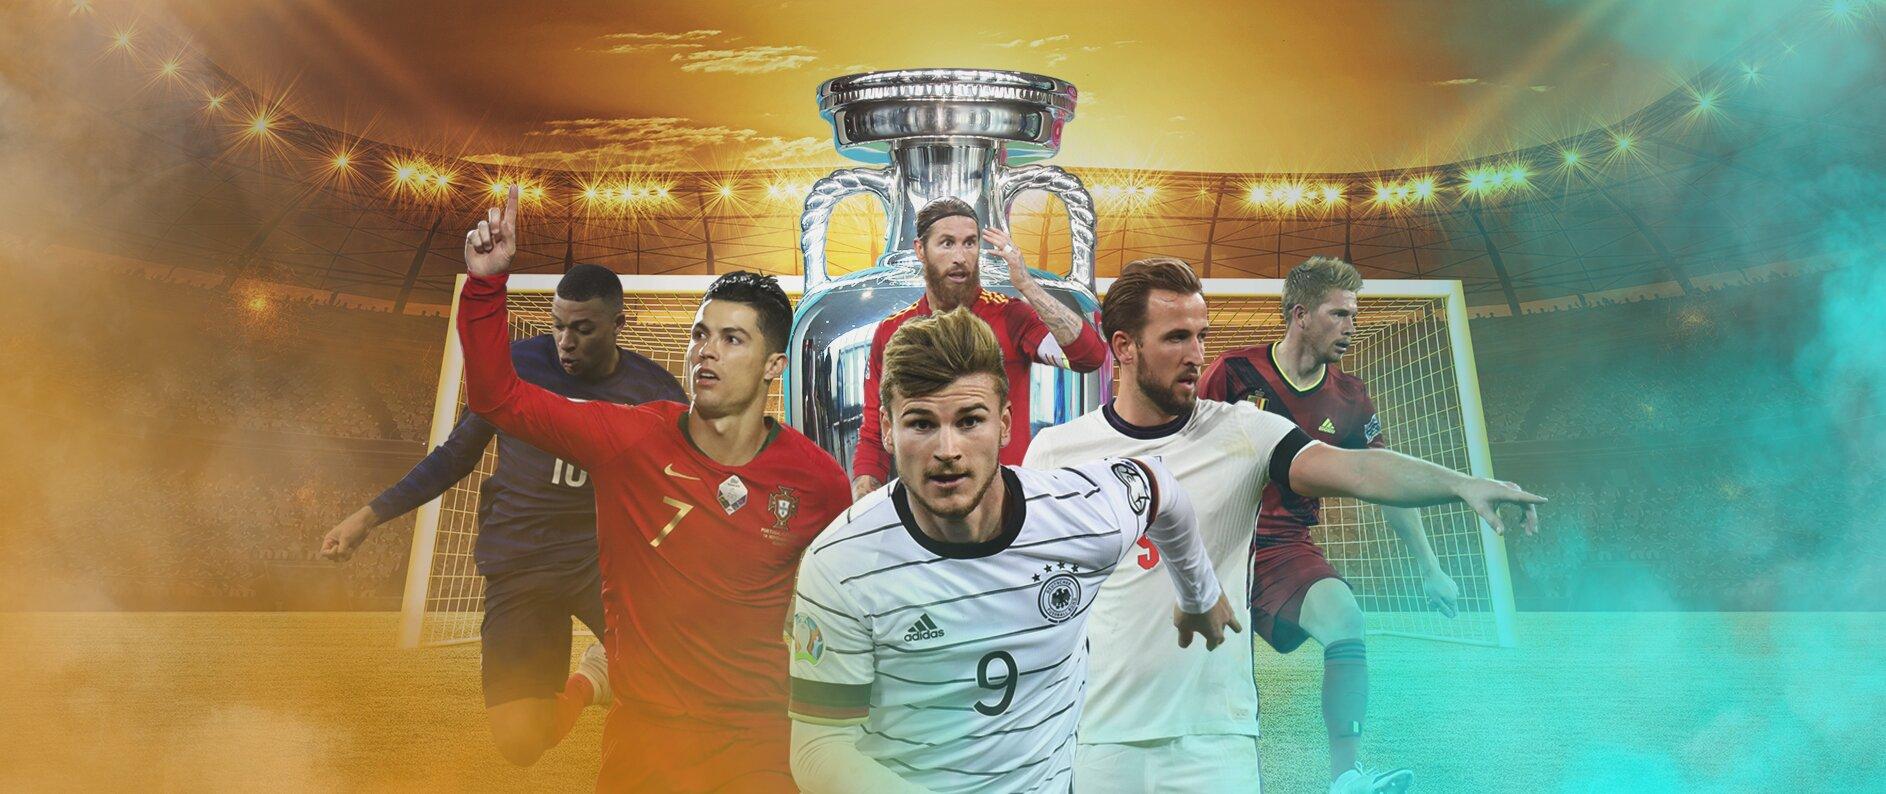 EM 2021 Spieler und Pokal